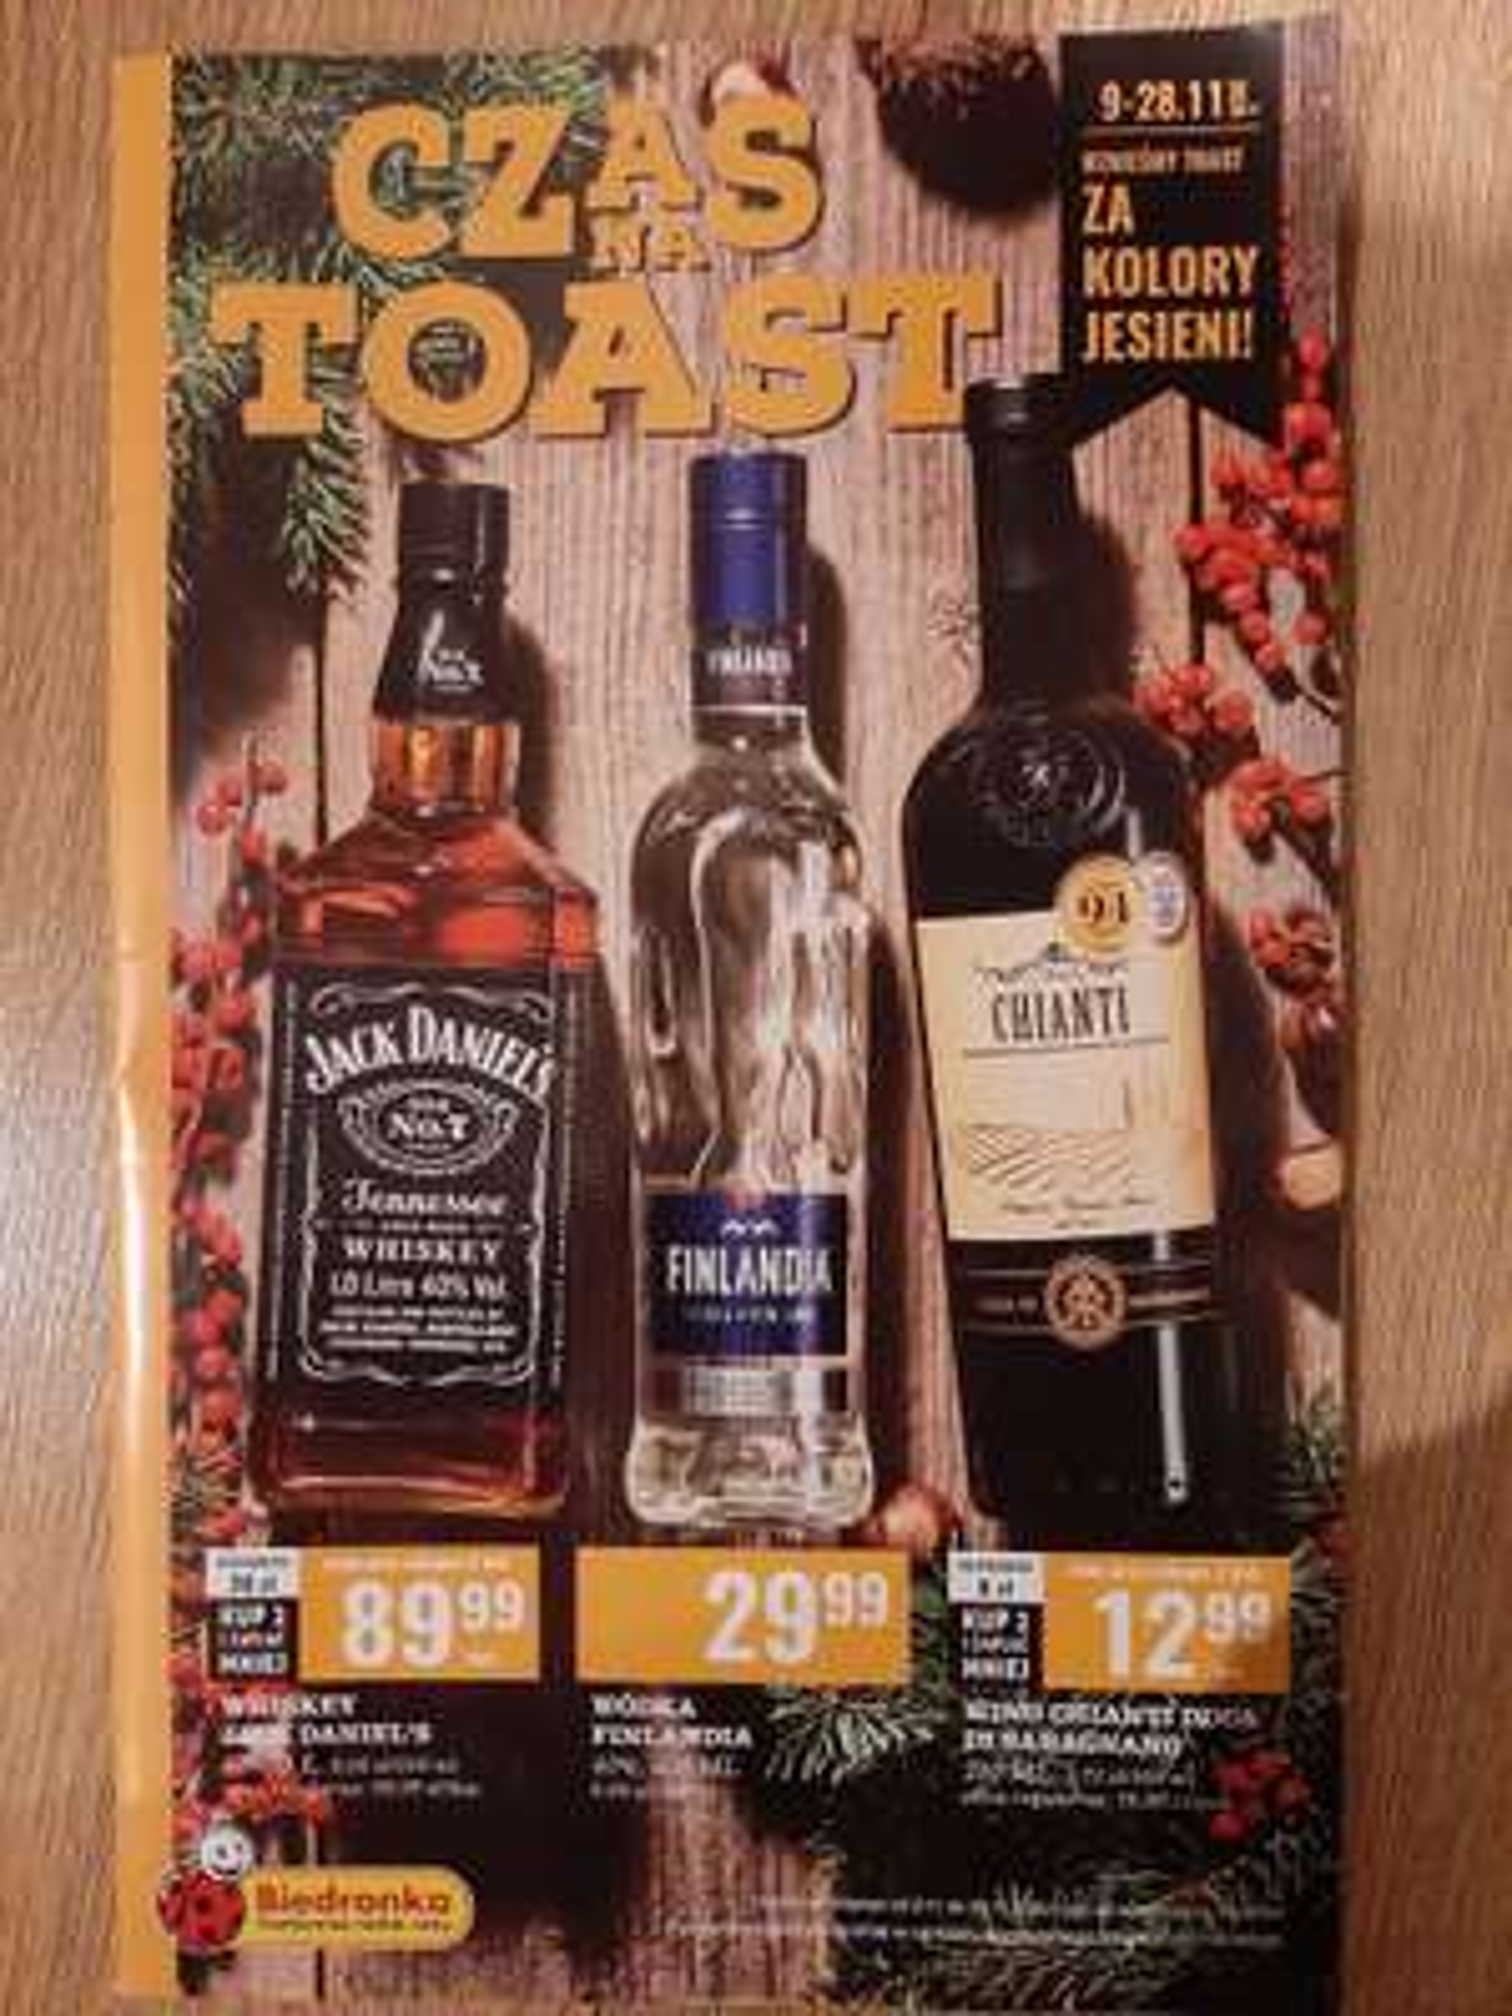 Czas na toast! - oferta alkoholowa - Biedronka